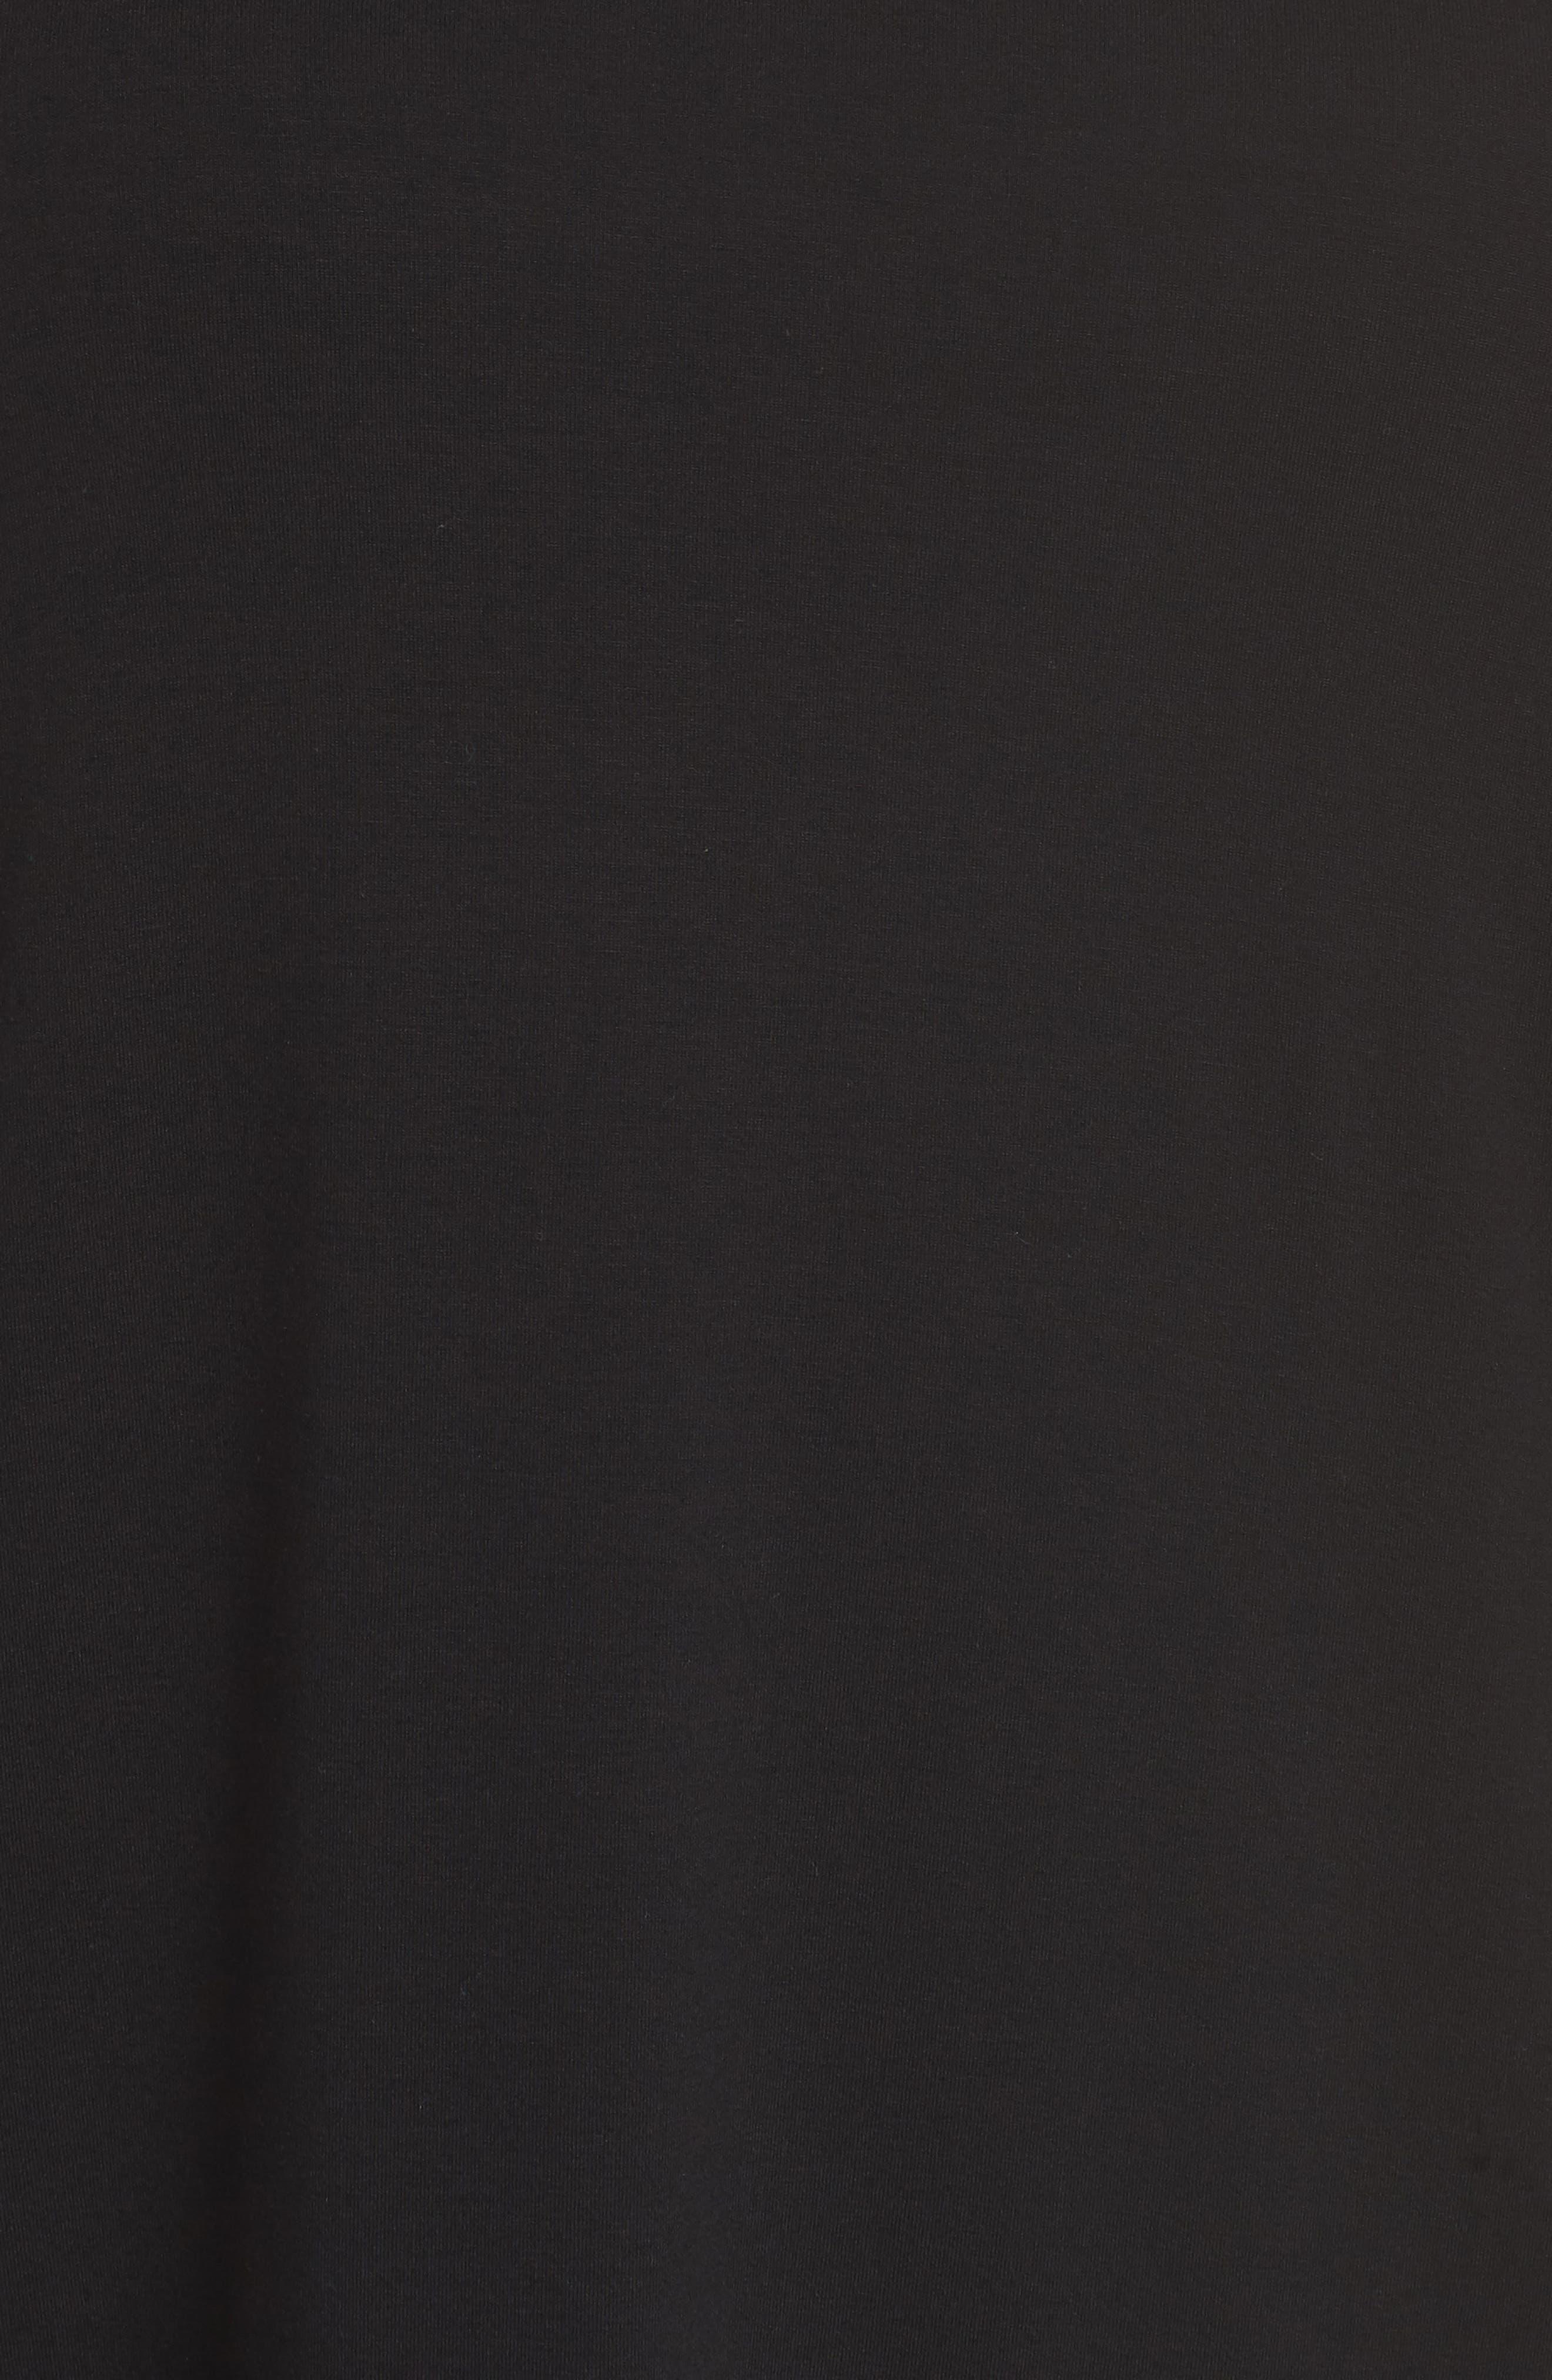 V-Neck Stretch Jersey Shift Dress,                             Alternate thumbnail 22, color,